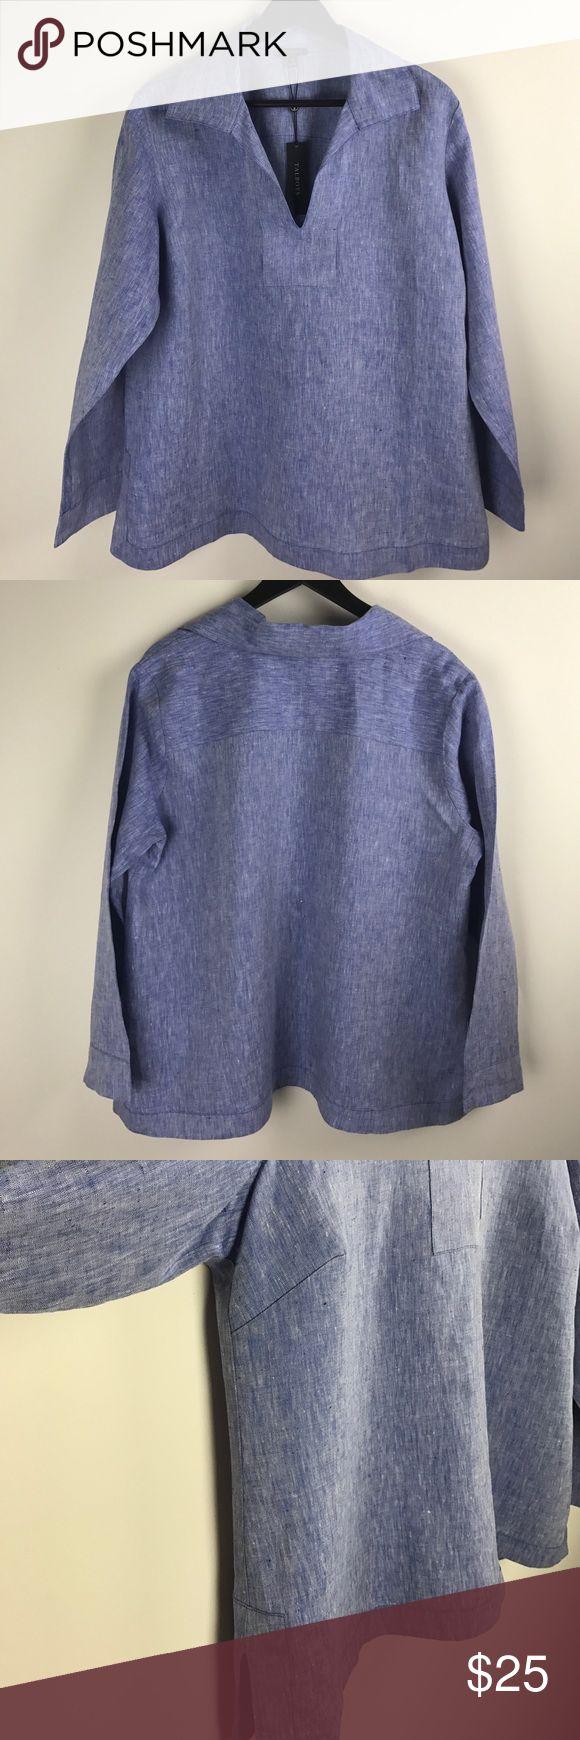 TALBOTS Women's Blue Linen Shirt Beautiful 100% linen top Talbots Tops Blouses